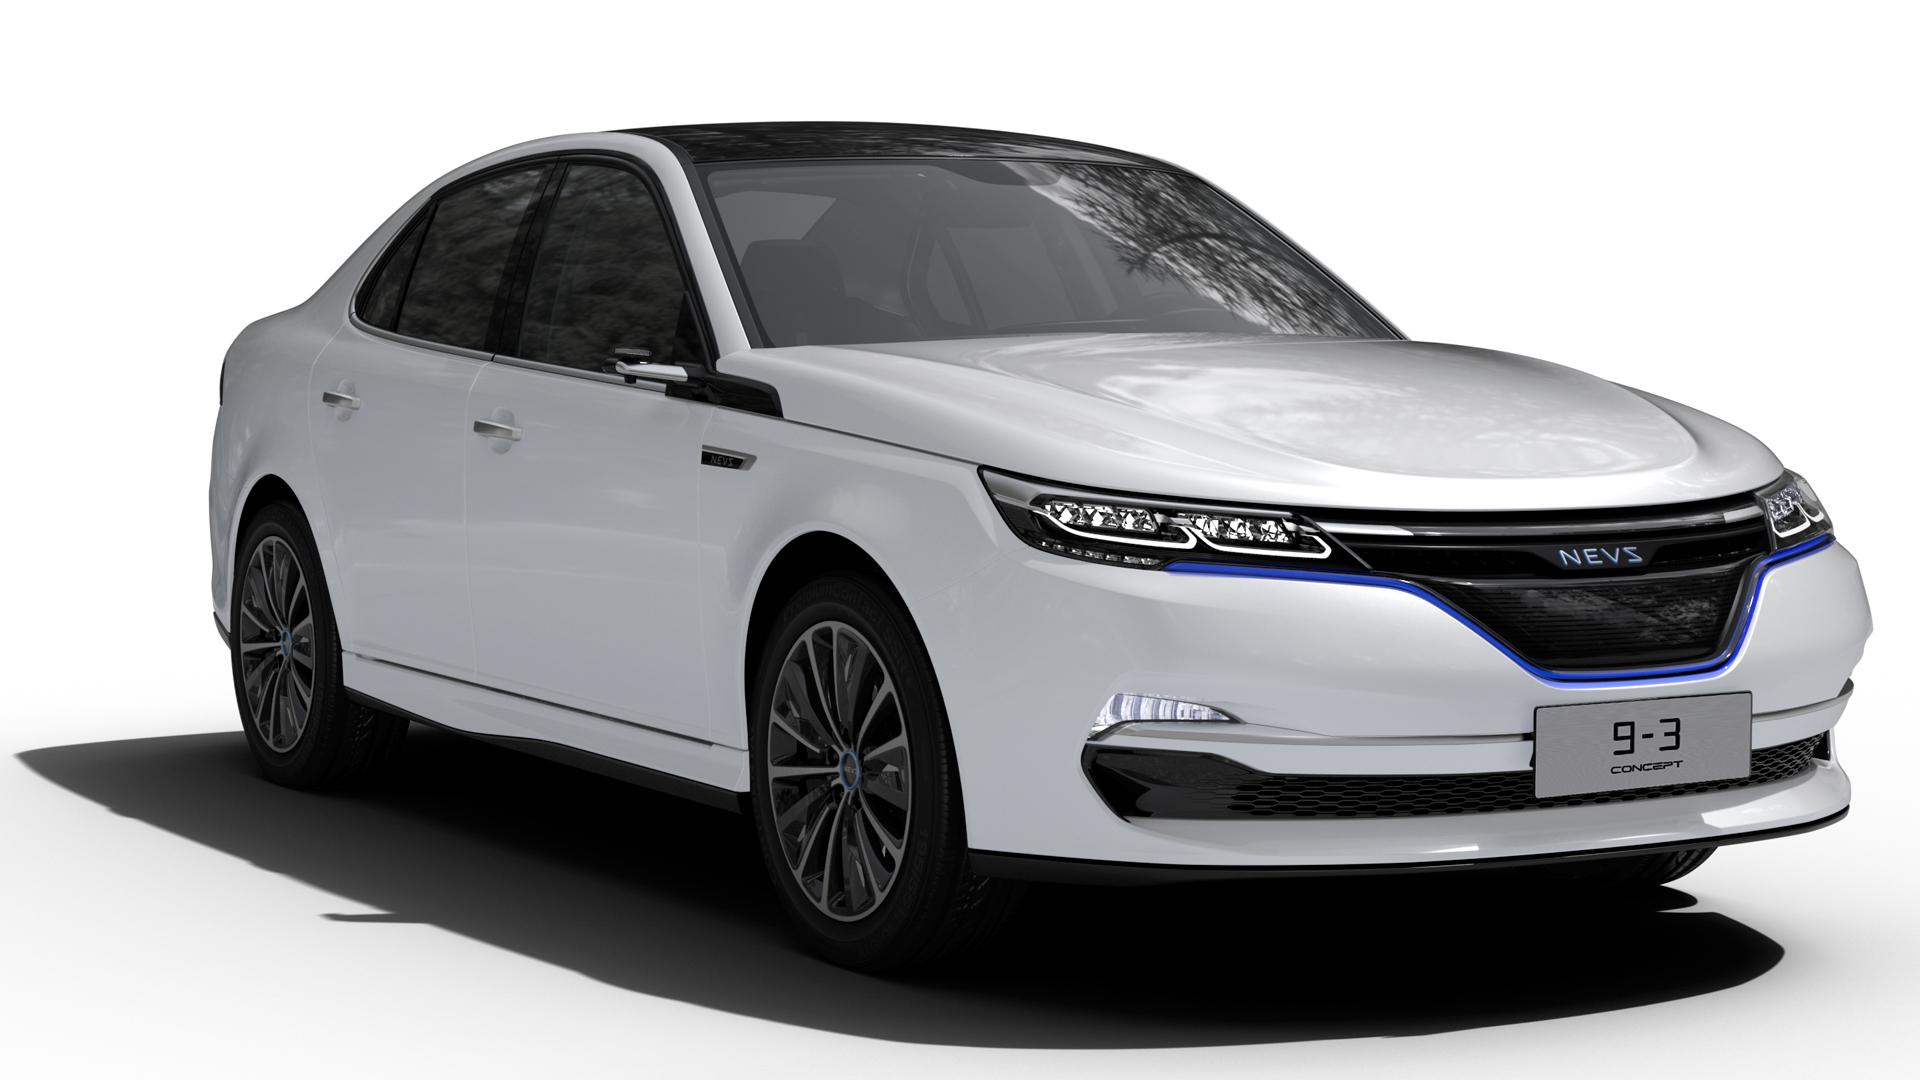 Xiaomi podría producir coches eléctricos adquiriendo NEVS (ex Saab)